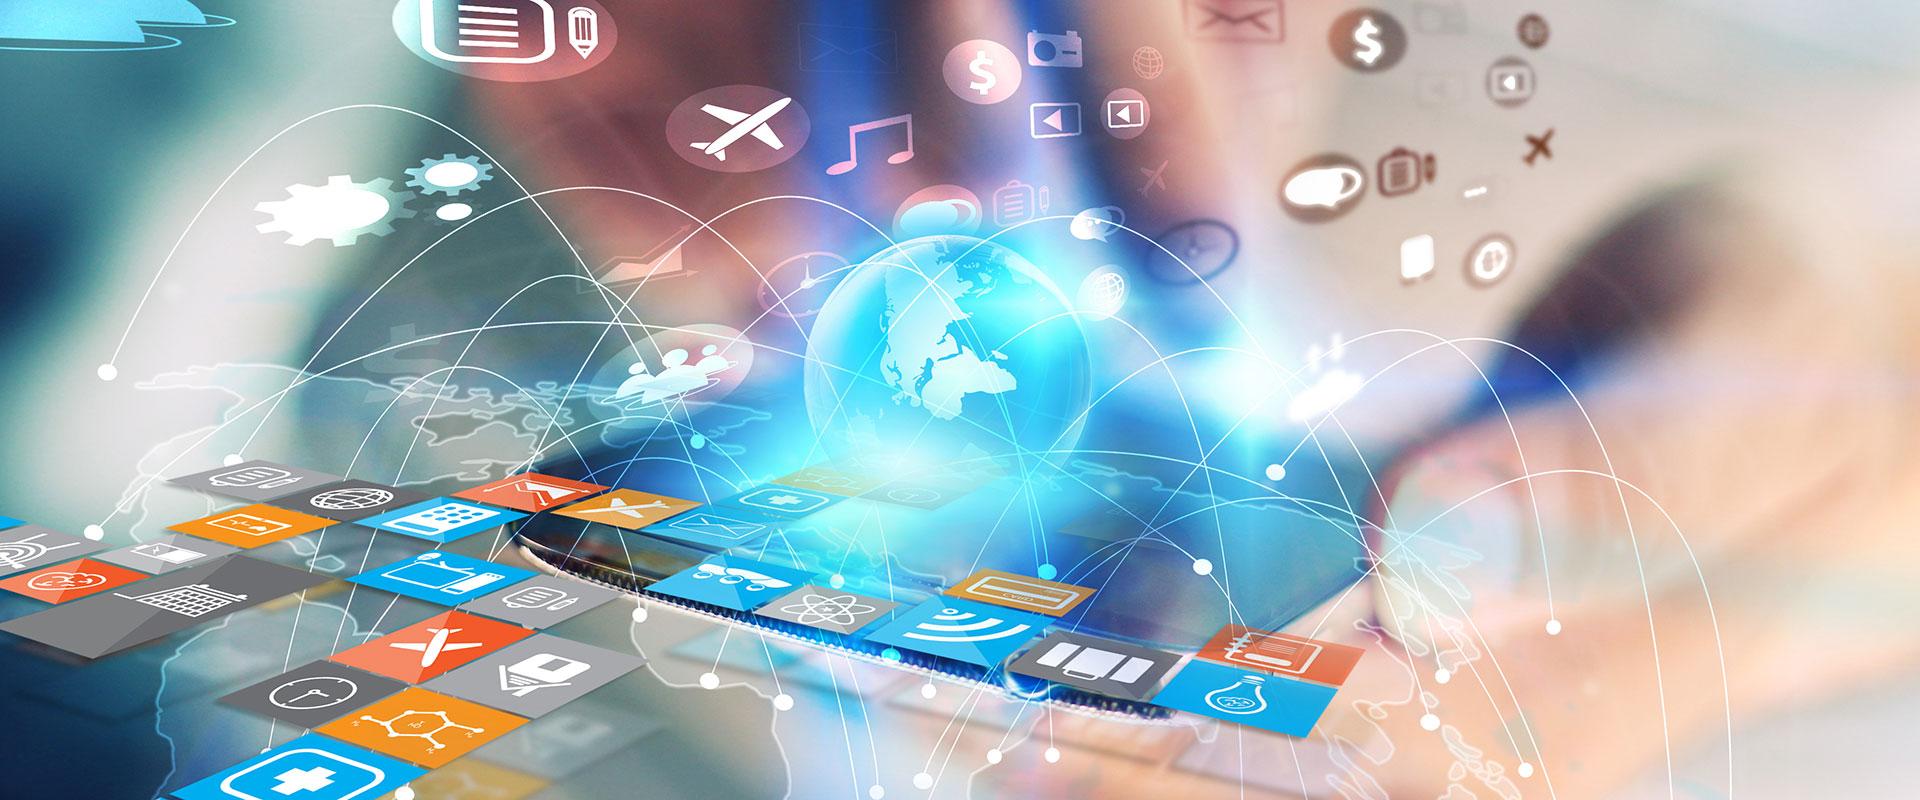 Toiminta Digitaalisessa Ympäristössä